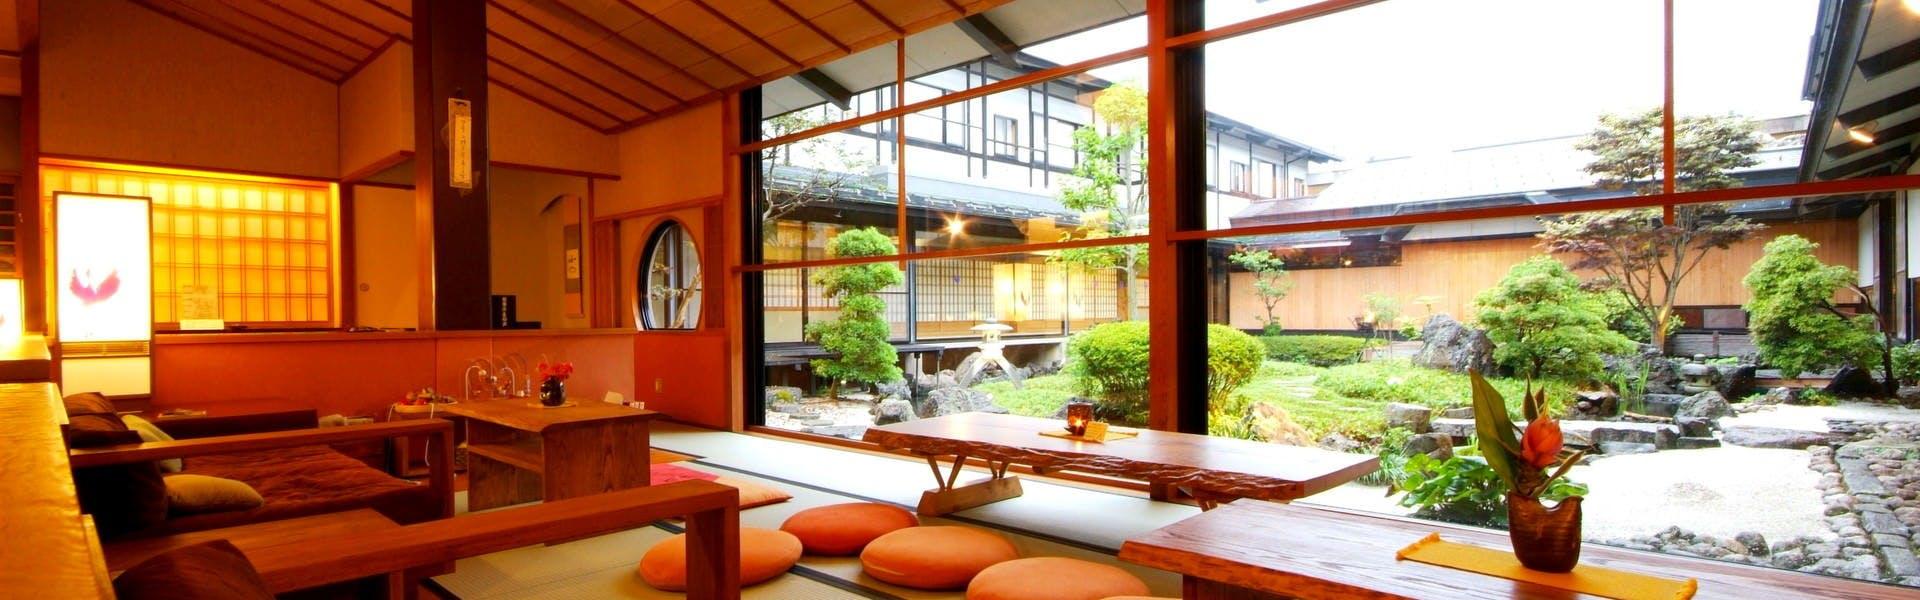 記念日におすすめのホテル・城崎温泉 かがり火の宿 大西屋水翔苑の写真2